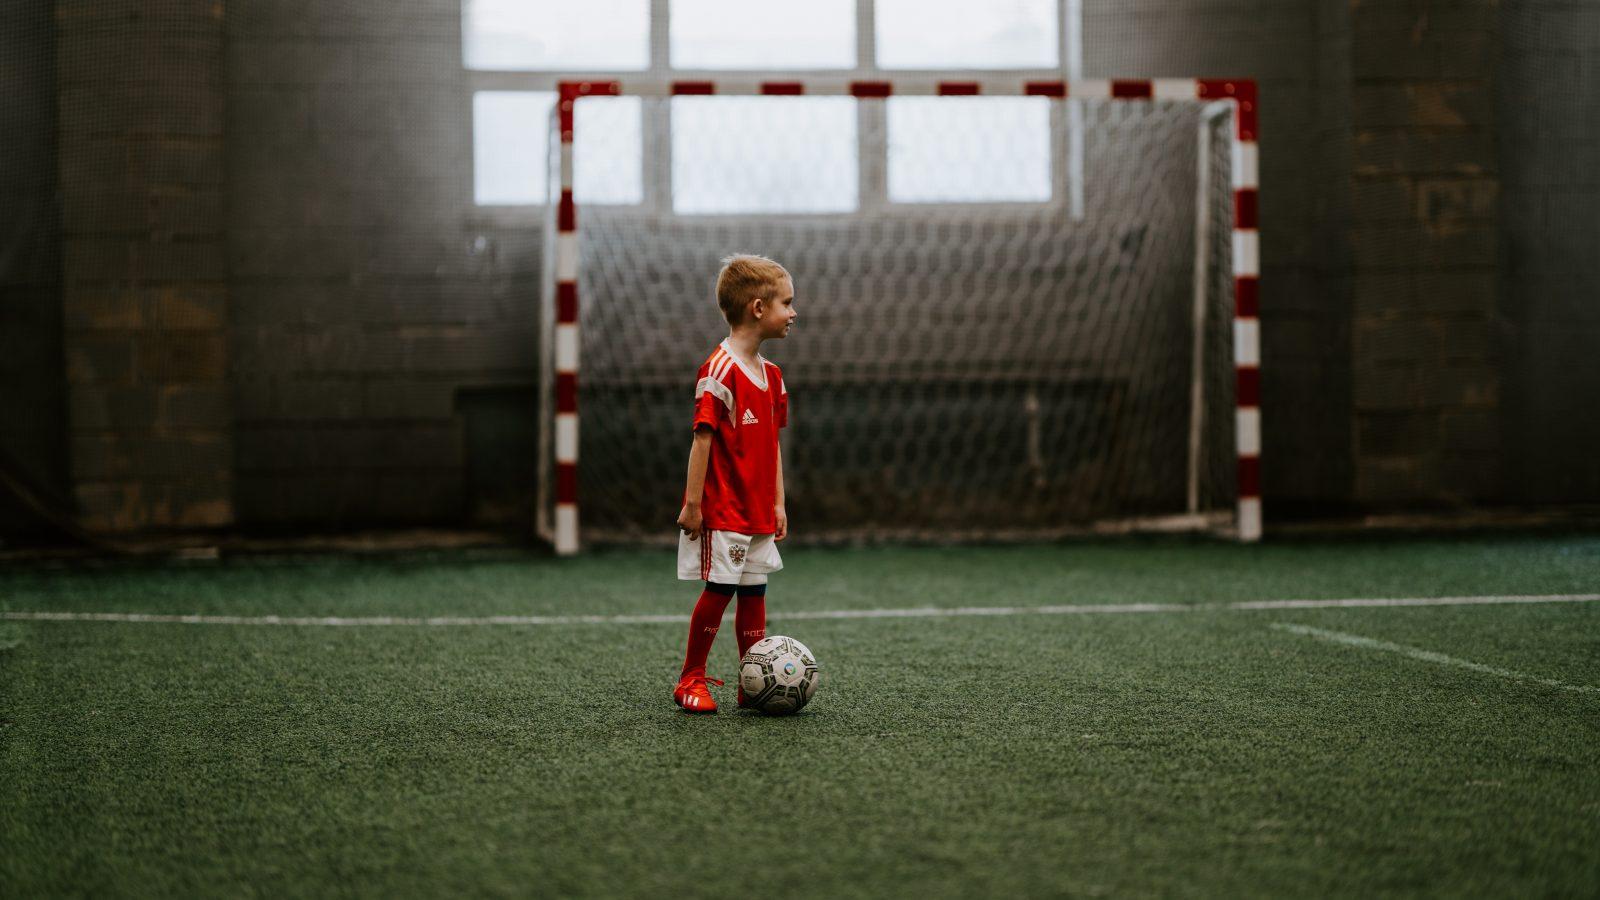 Pikkupoika pelaamassa jalkapalloa